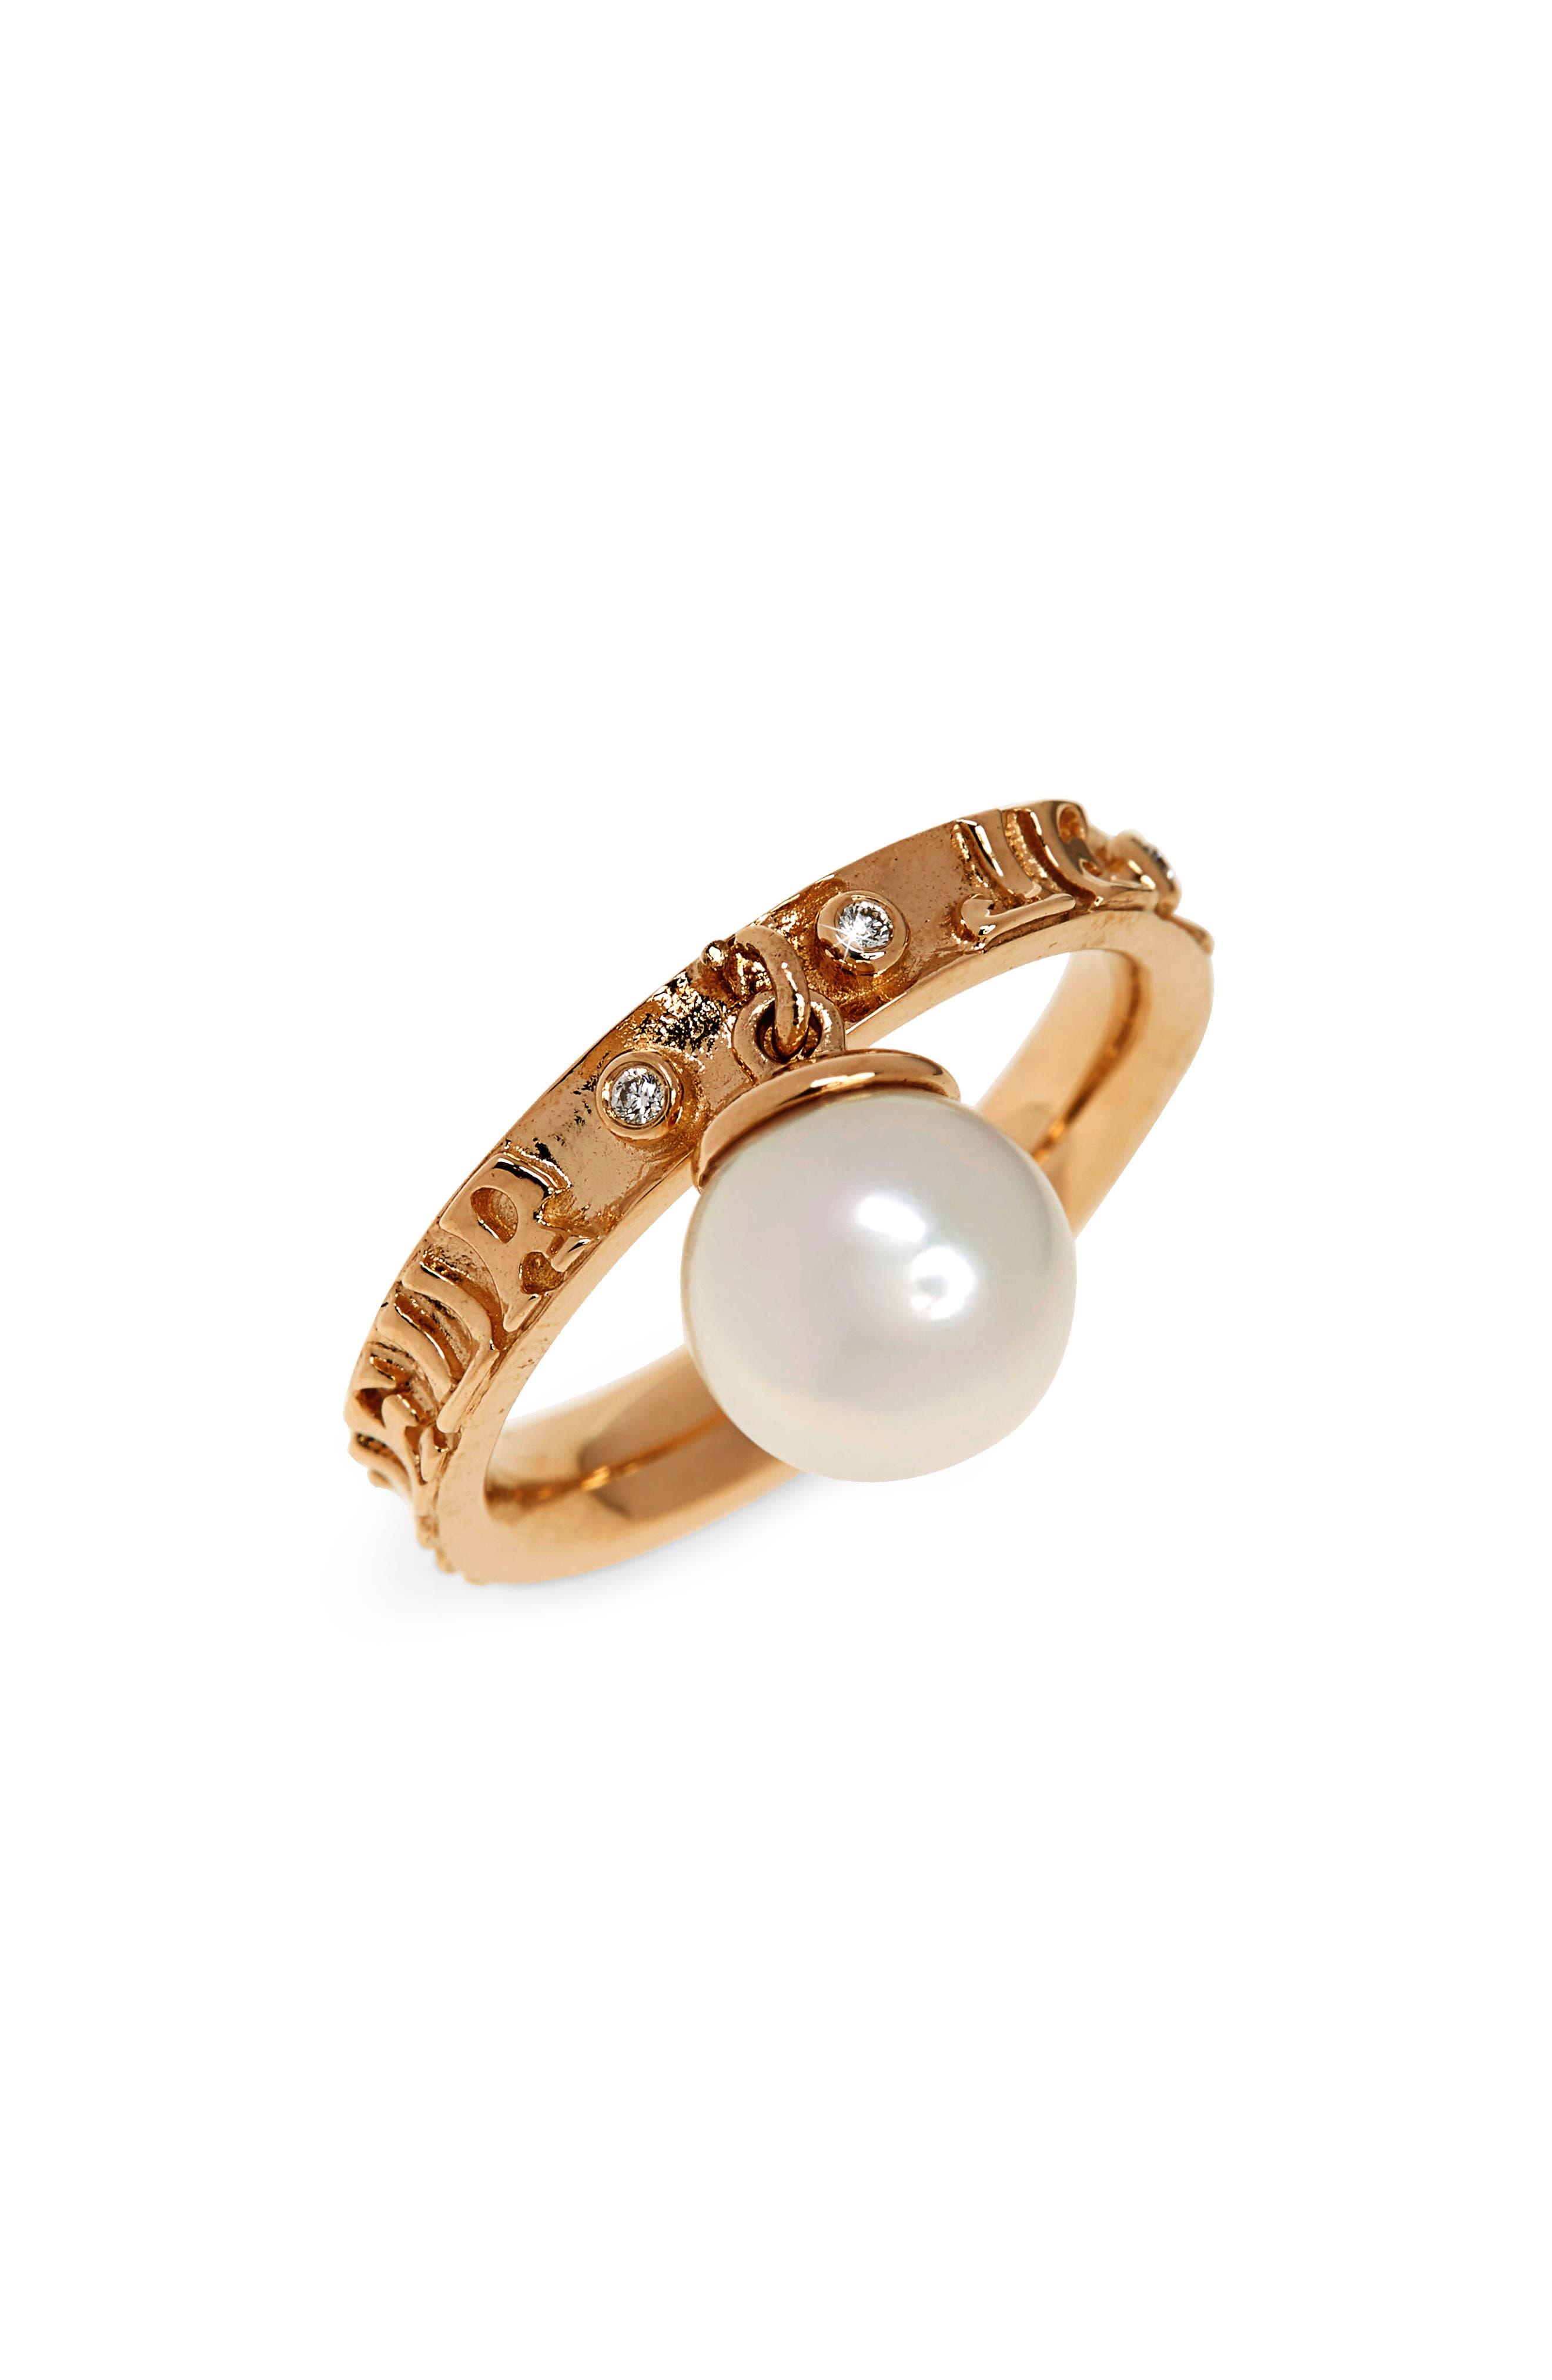 Dancing Pearl Ring,                             Main thumbnail 1, color,                             YELLOW GOLD